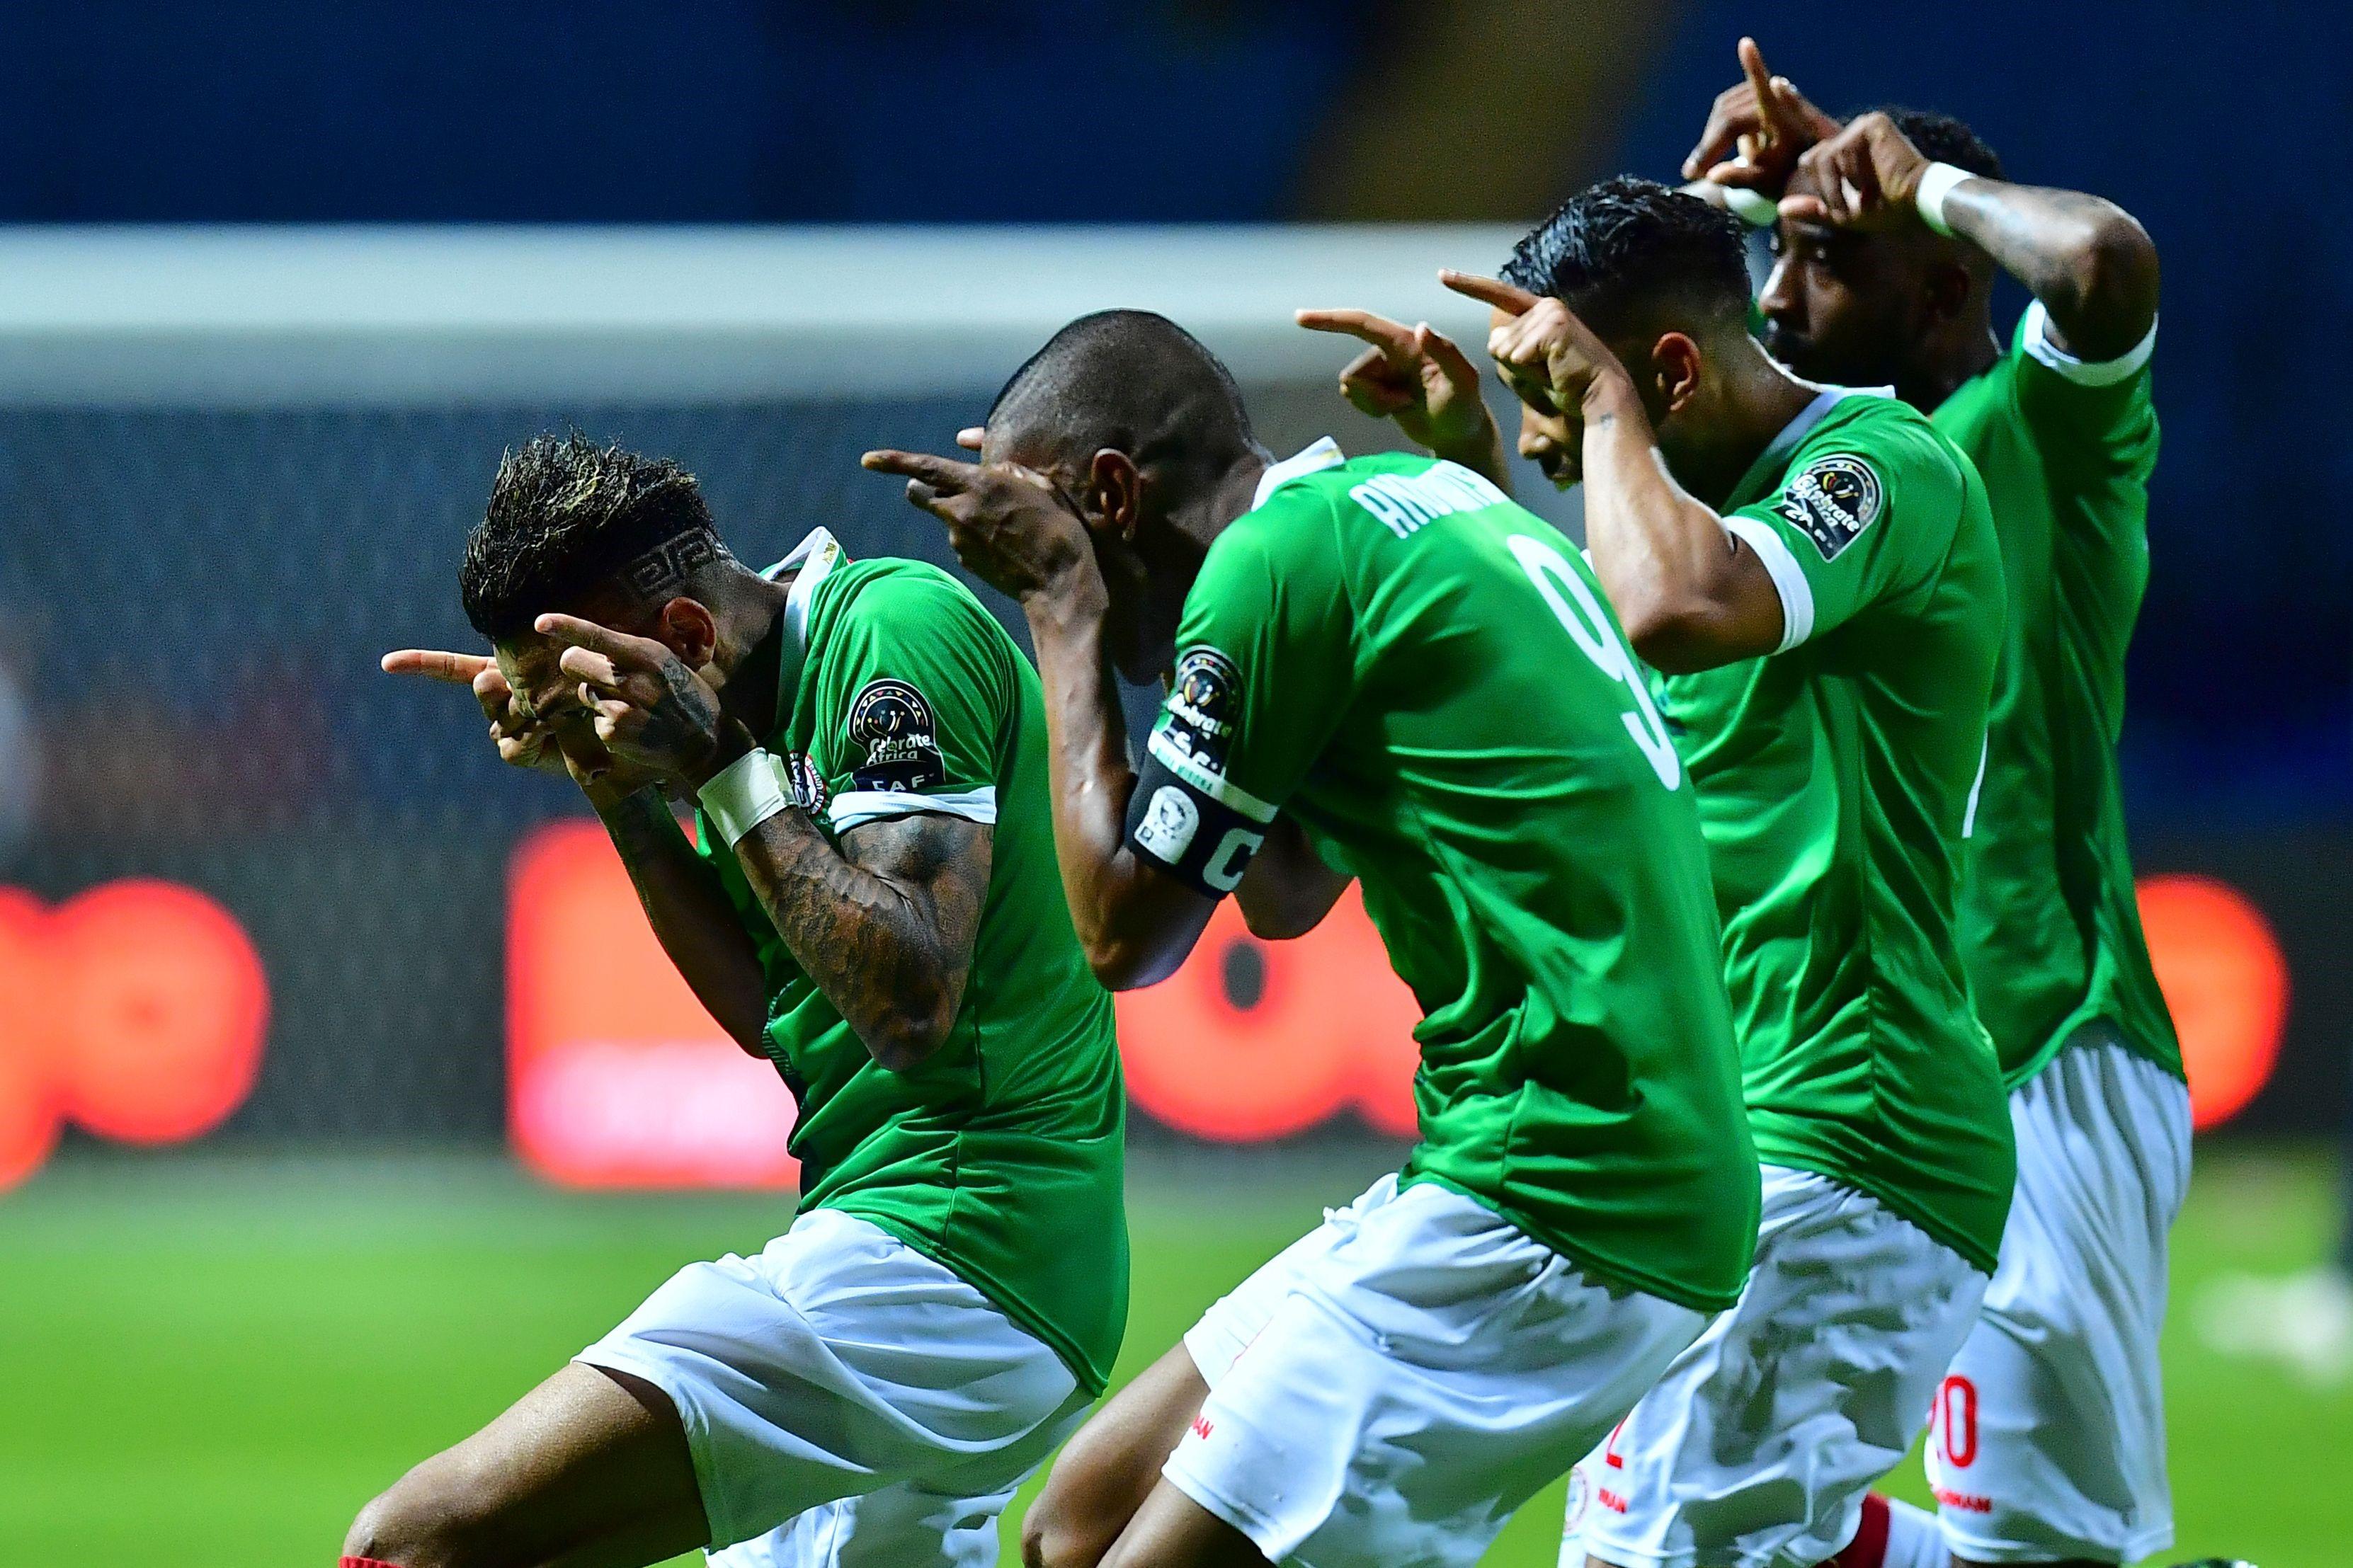 """Madagaskarlı oyuncular galibiyeti """"Barea"""" (sığır) sevinciyle kutluyorlar."""